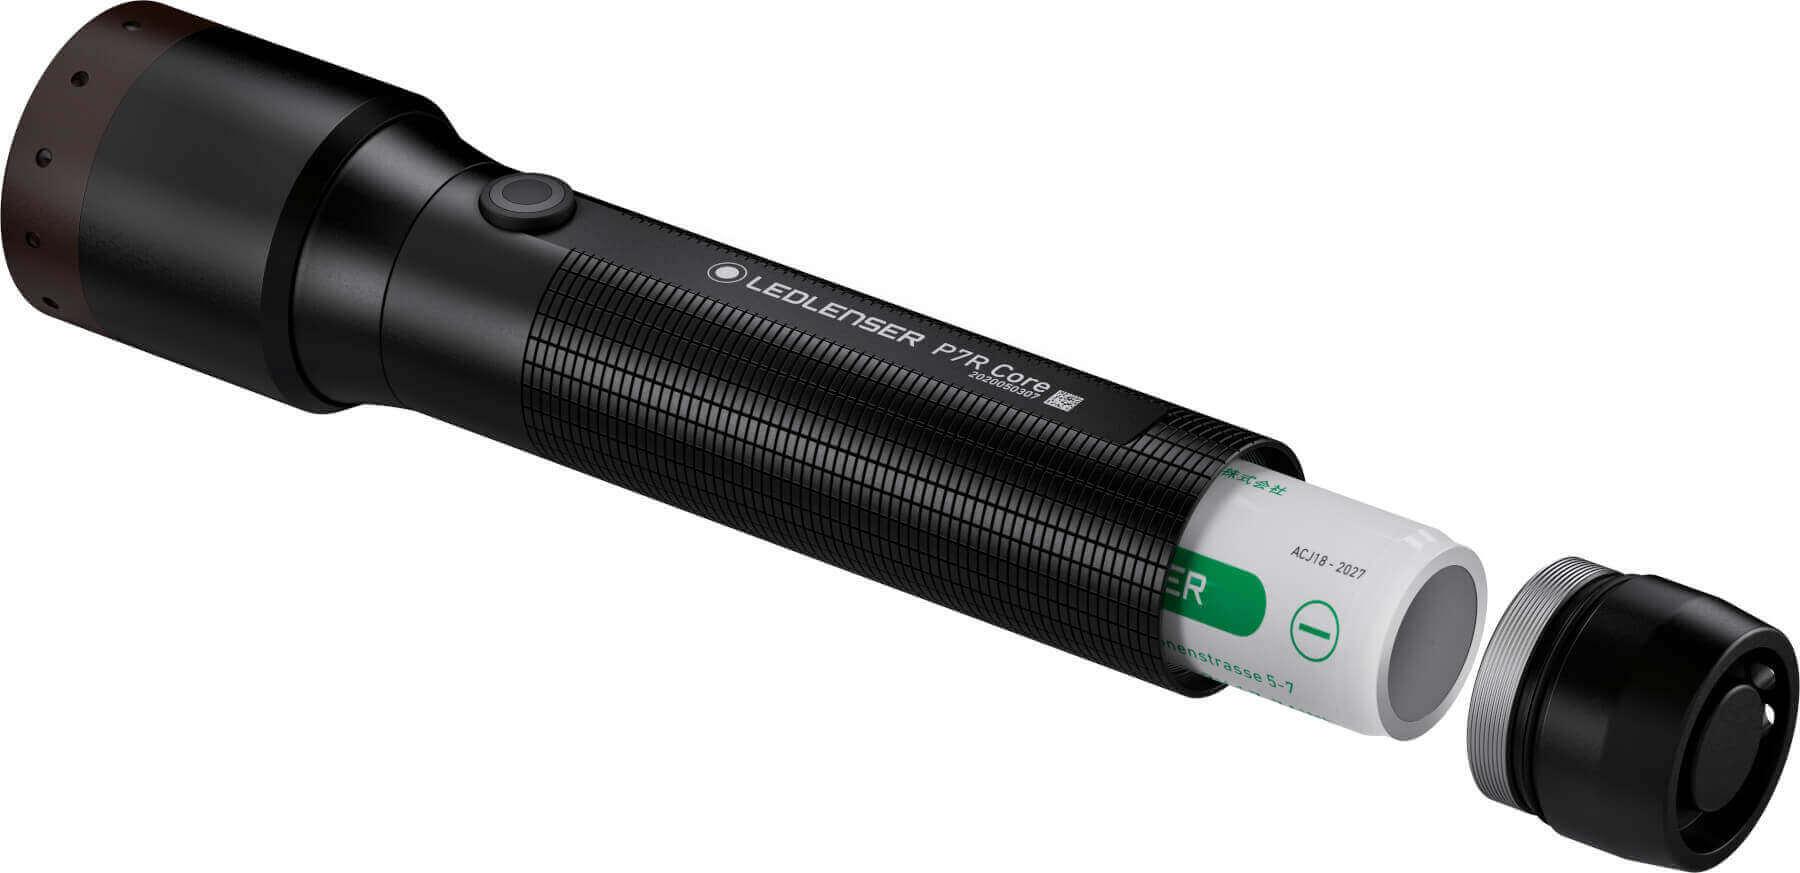 LED Lampe P7R Core Akku wechsel